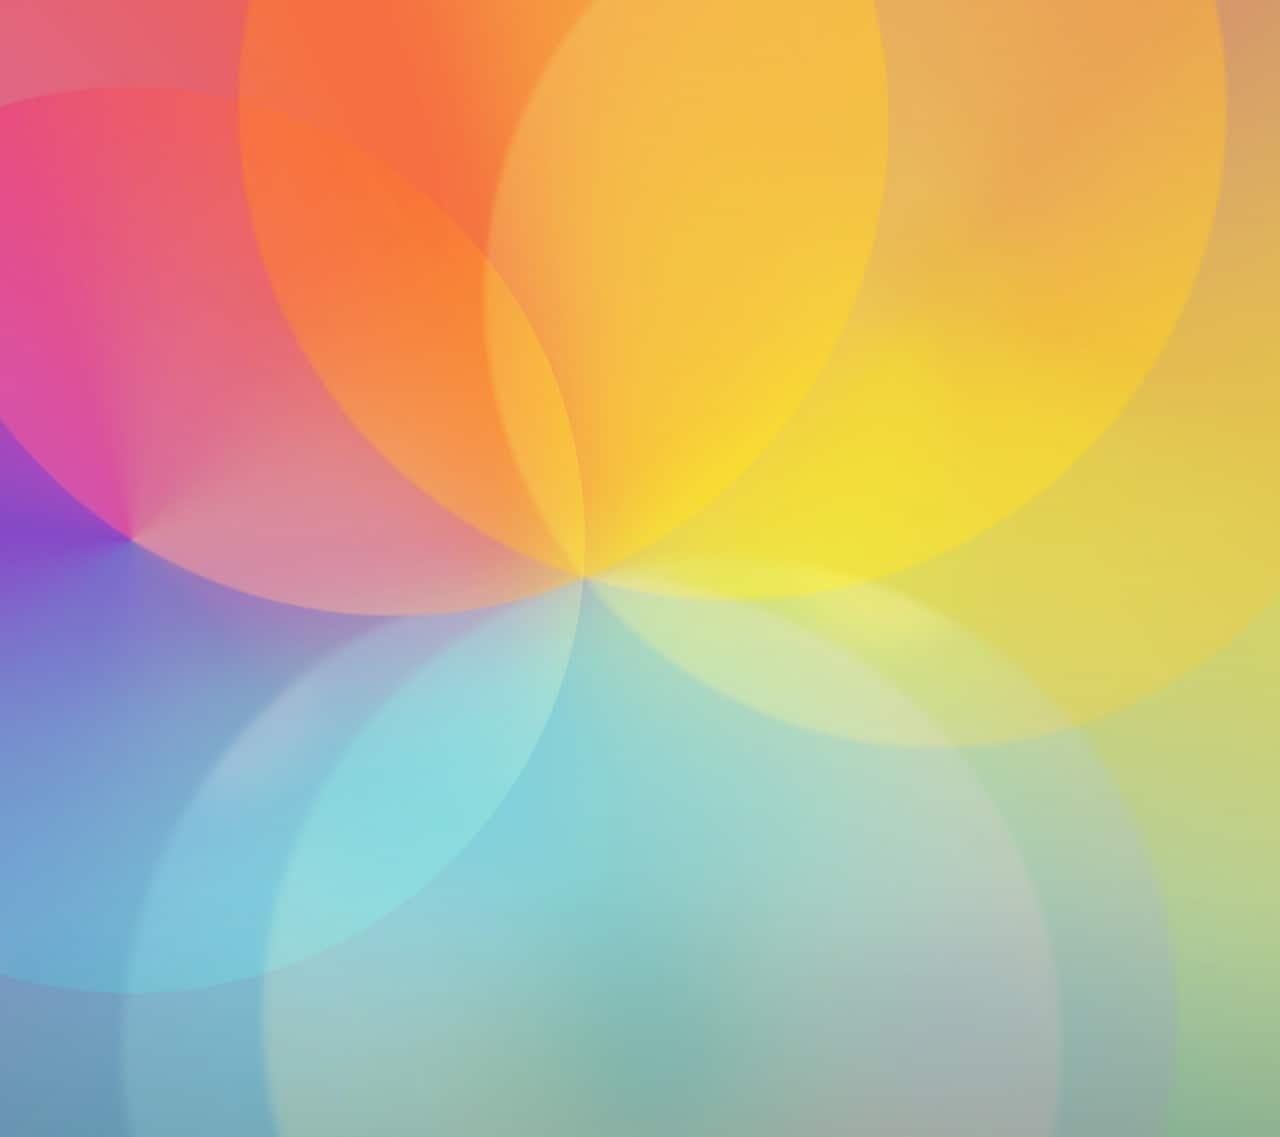 Sfondi, suonerie, tastiera e altre app di LG G3 già pronti al download (più o meno)